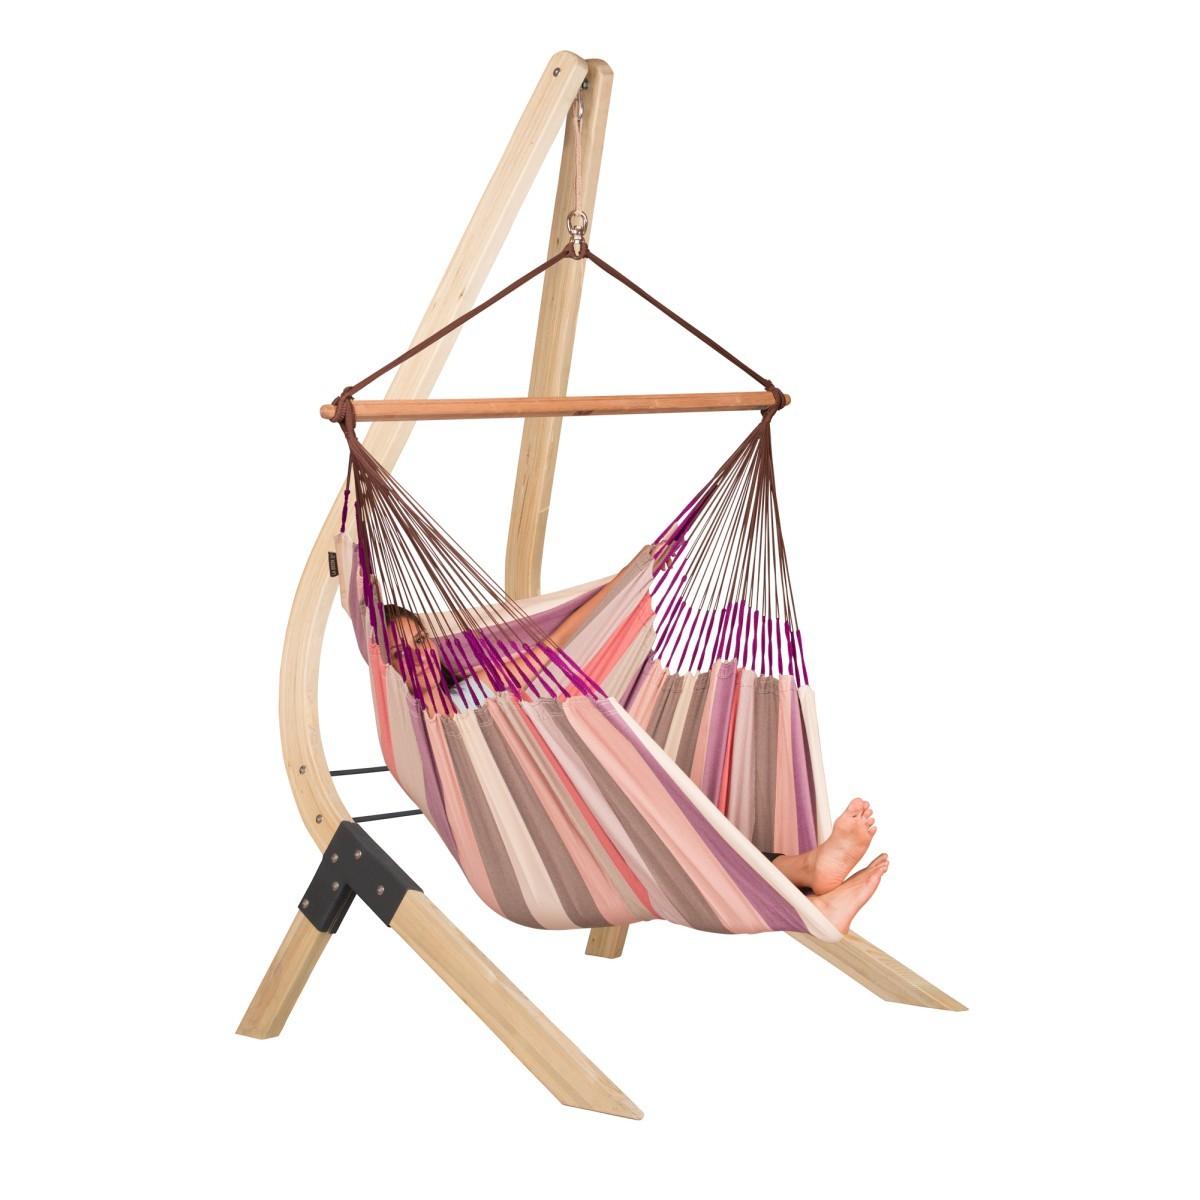 La siesta chaise hamac lounger domingo plum support en bois vela - Support hamac bois ...